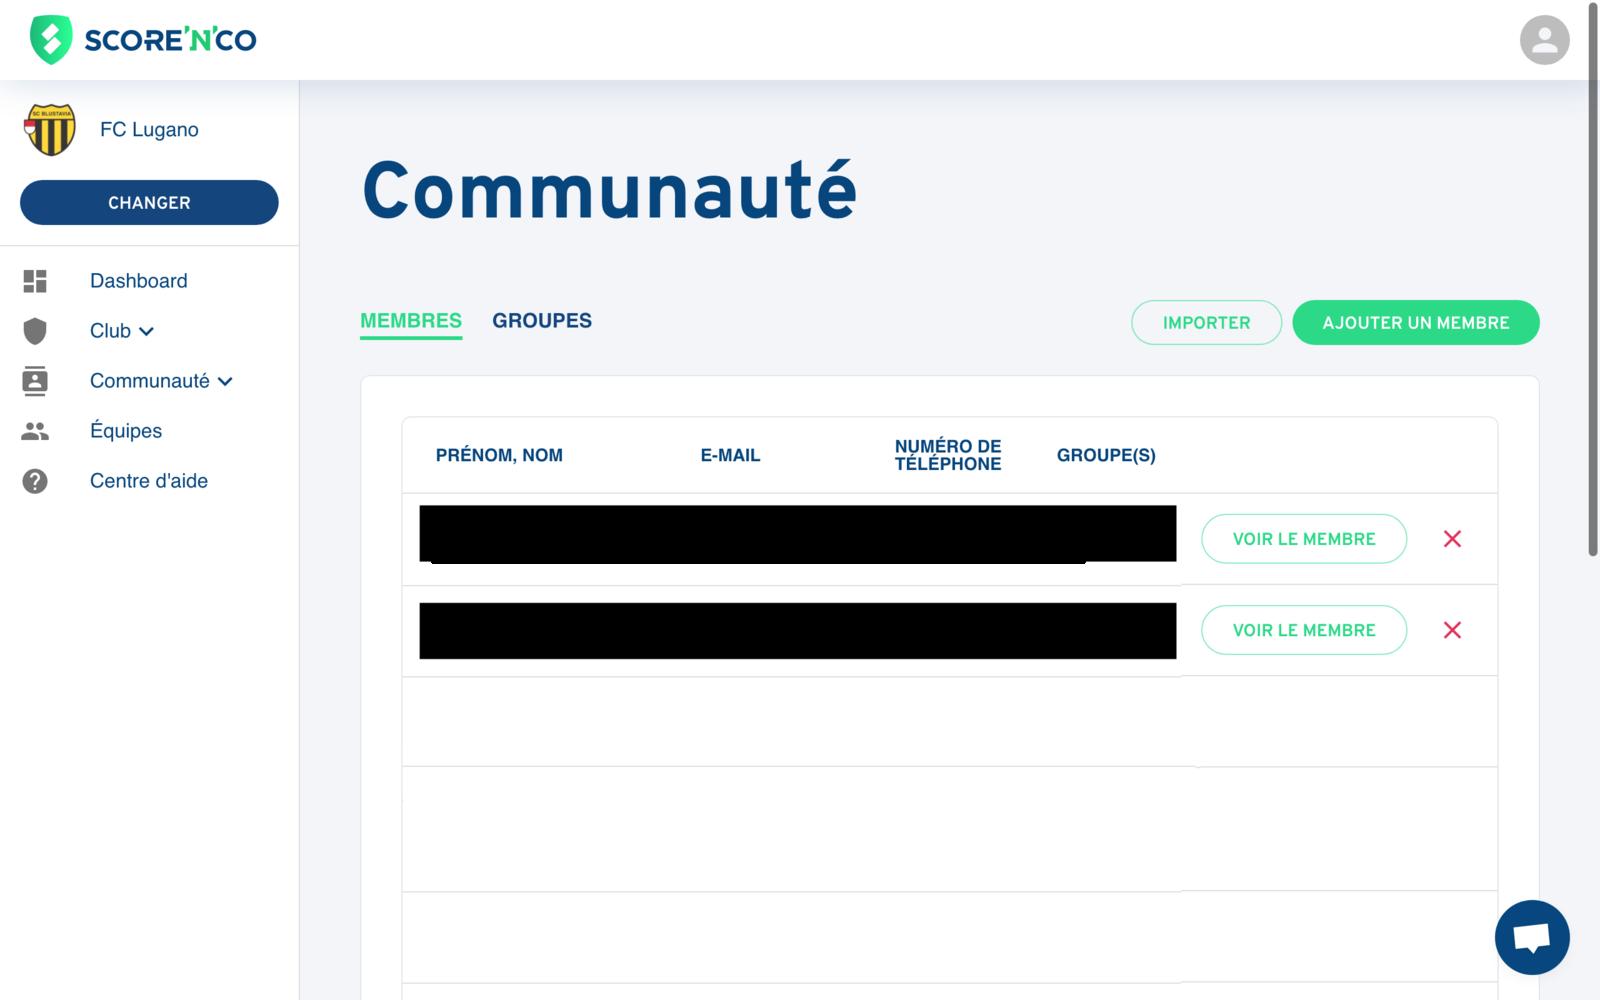 Rubrique Communauté - Onglet membres - Score'n'co